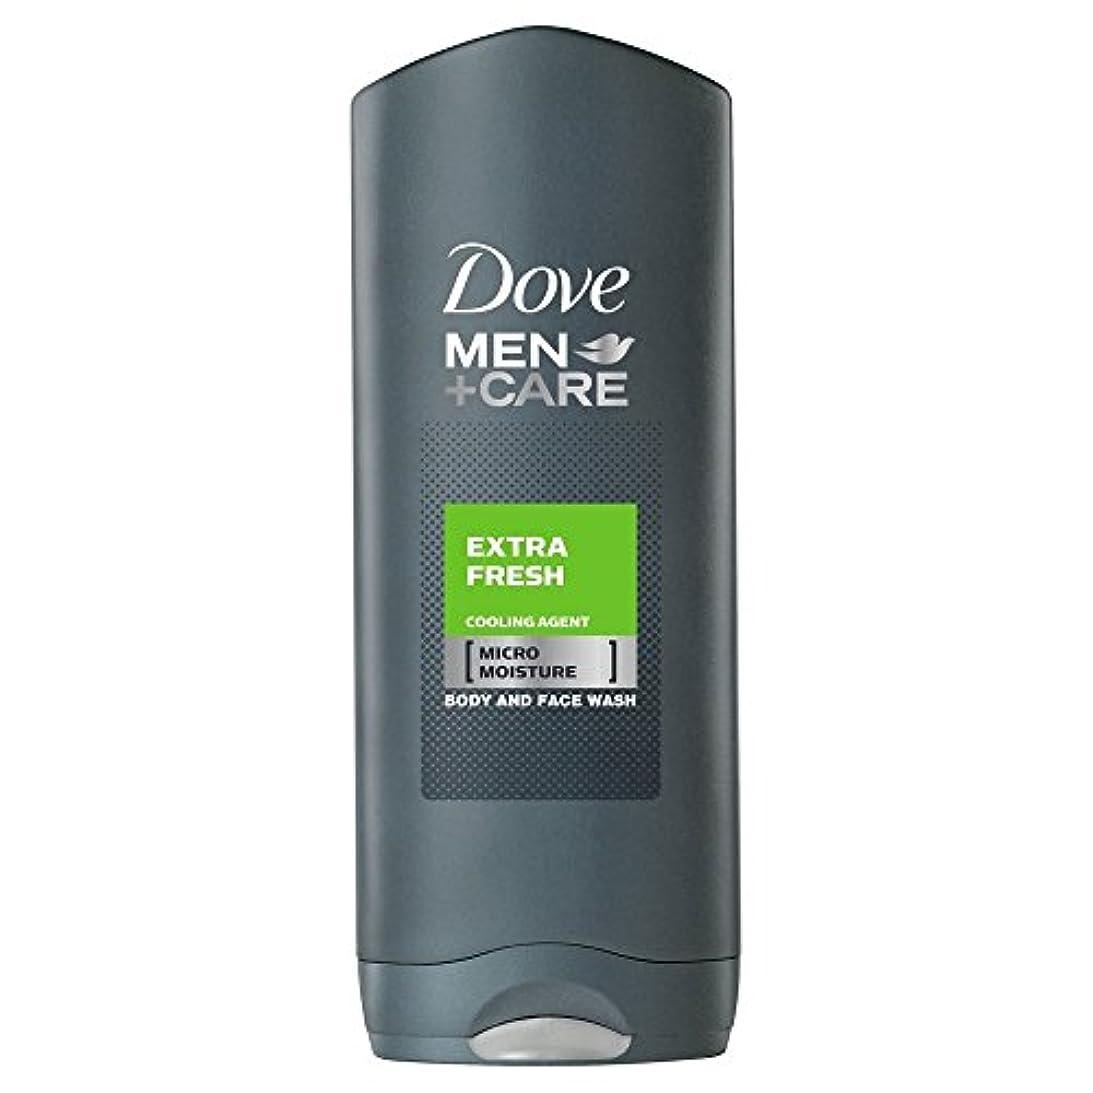 信念ボイコットあらゆる種類のDove Men + Care Body & Face Wash - Extra Fresh (250ml) 鳩の男性は+ボディと洗顔ケア - 余分な新鮮な( 250ミリリットル)を [並行輸入品]